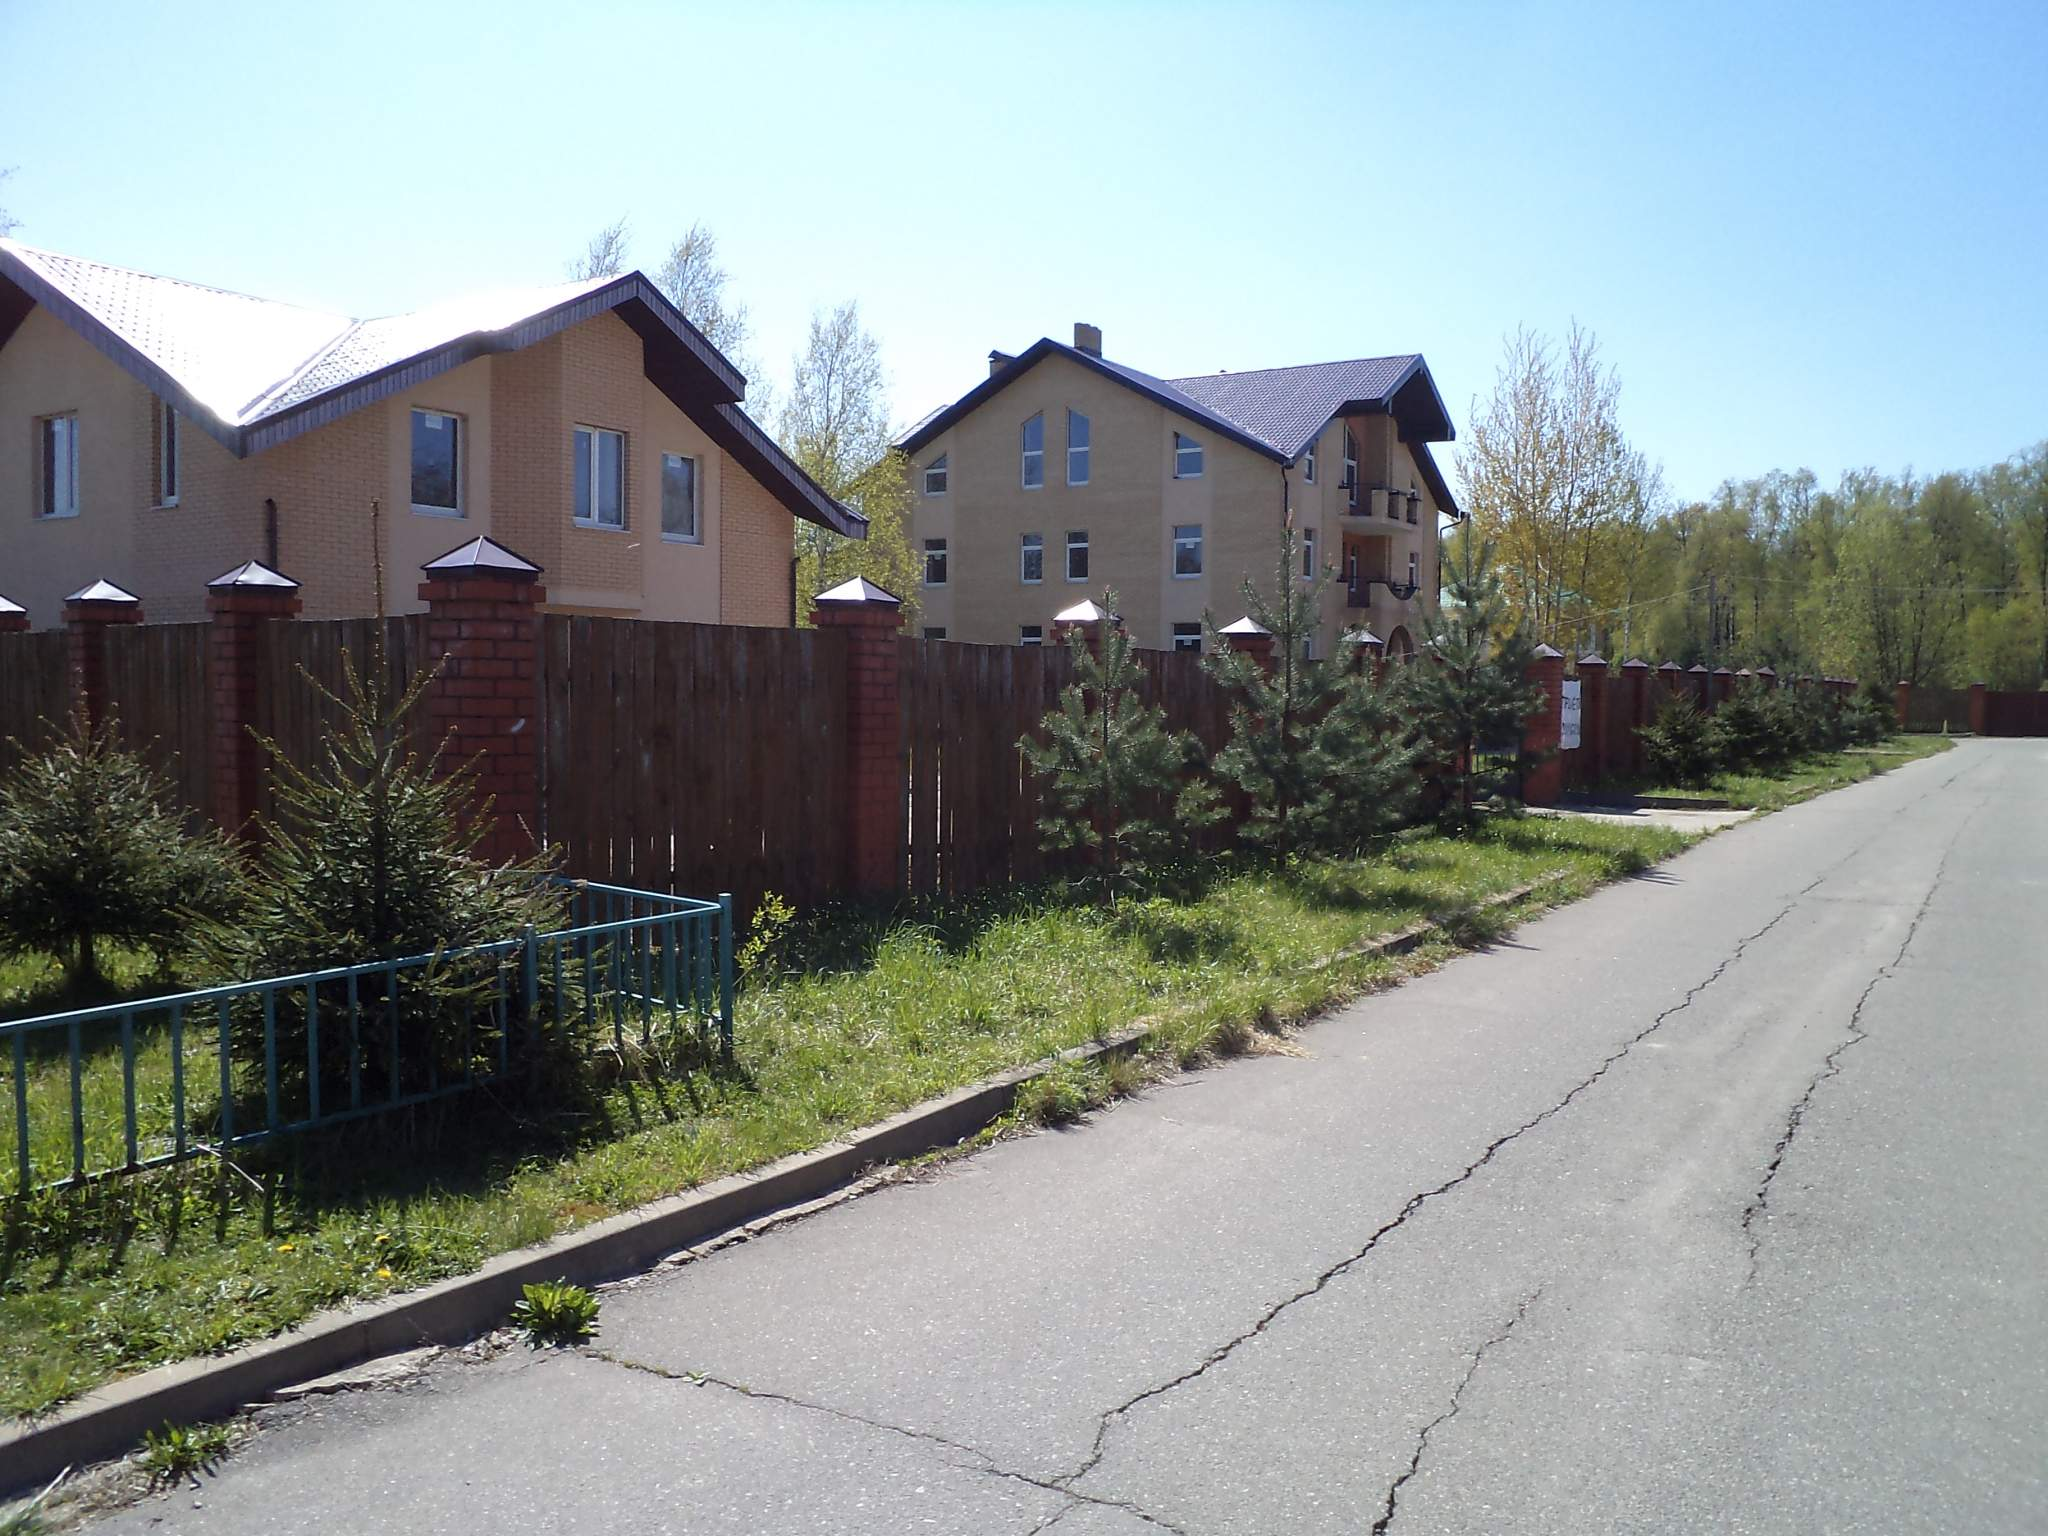 Коттедж на продажу по адресу Россия, Москва, Вороновское п, деревня Юдановка, ЖСПК Моспроектовец территория